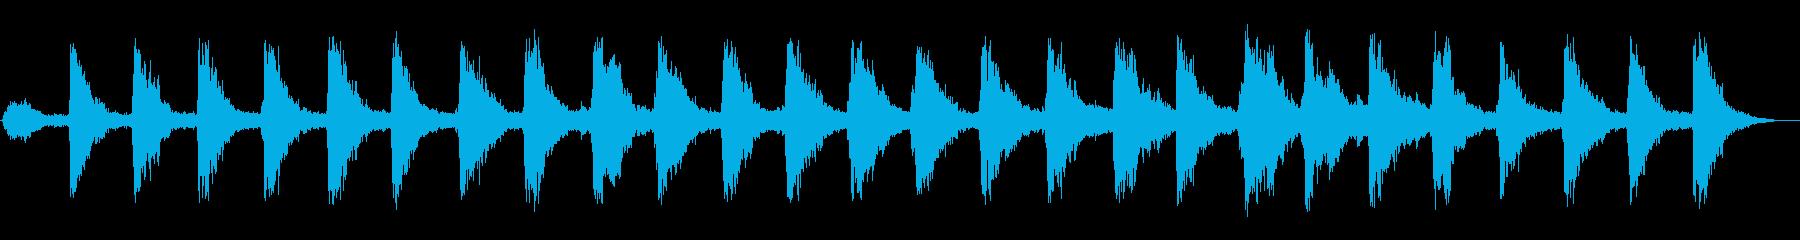 シャンシャン・・・(スレイベルの音)の再生済みの波形